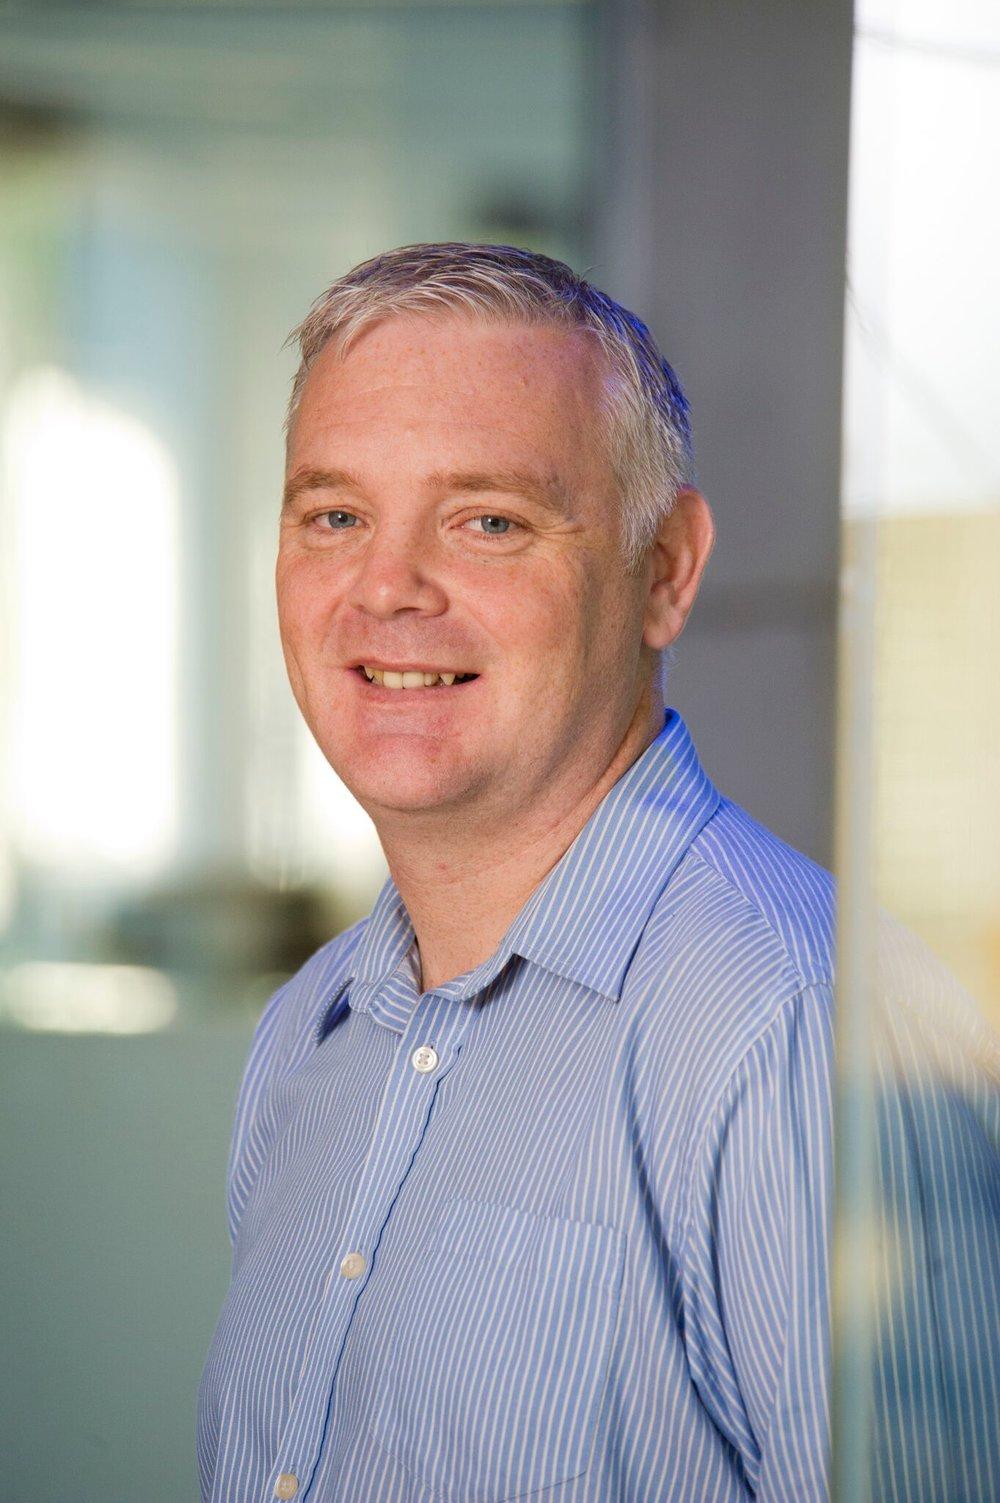 Mike Nevitt Senior Design Manager